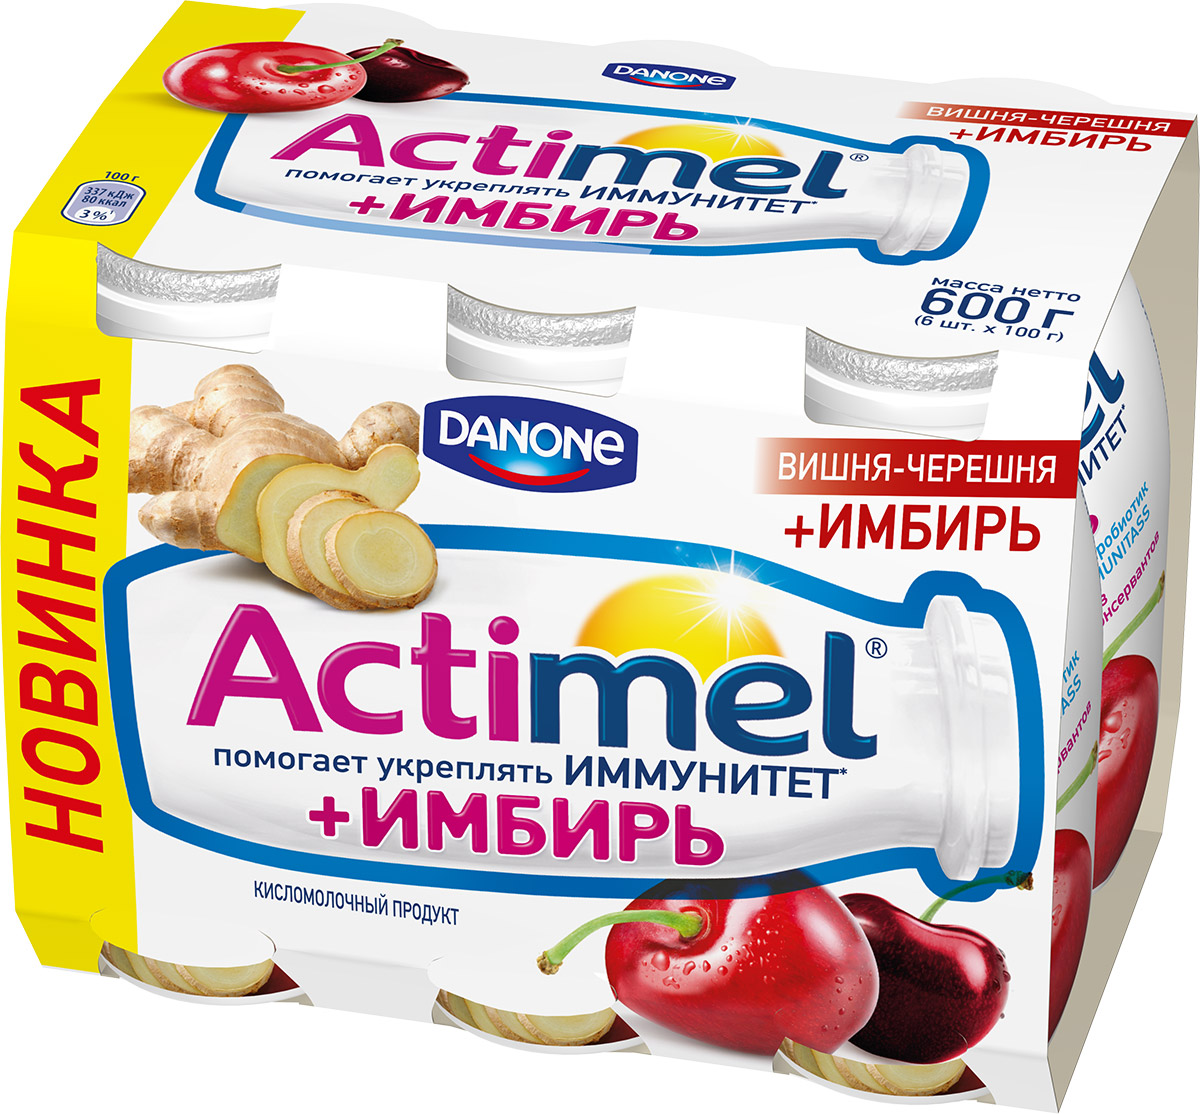 Актимель Продукт кисломолочный, Вишня-черешня с имбирем 2,5%, 6 шт по 100 г бады ayunova herbalcare иммунум форте фитопрепарат для укрепления иммунитета